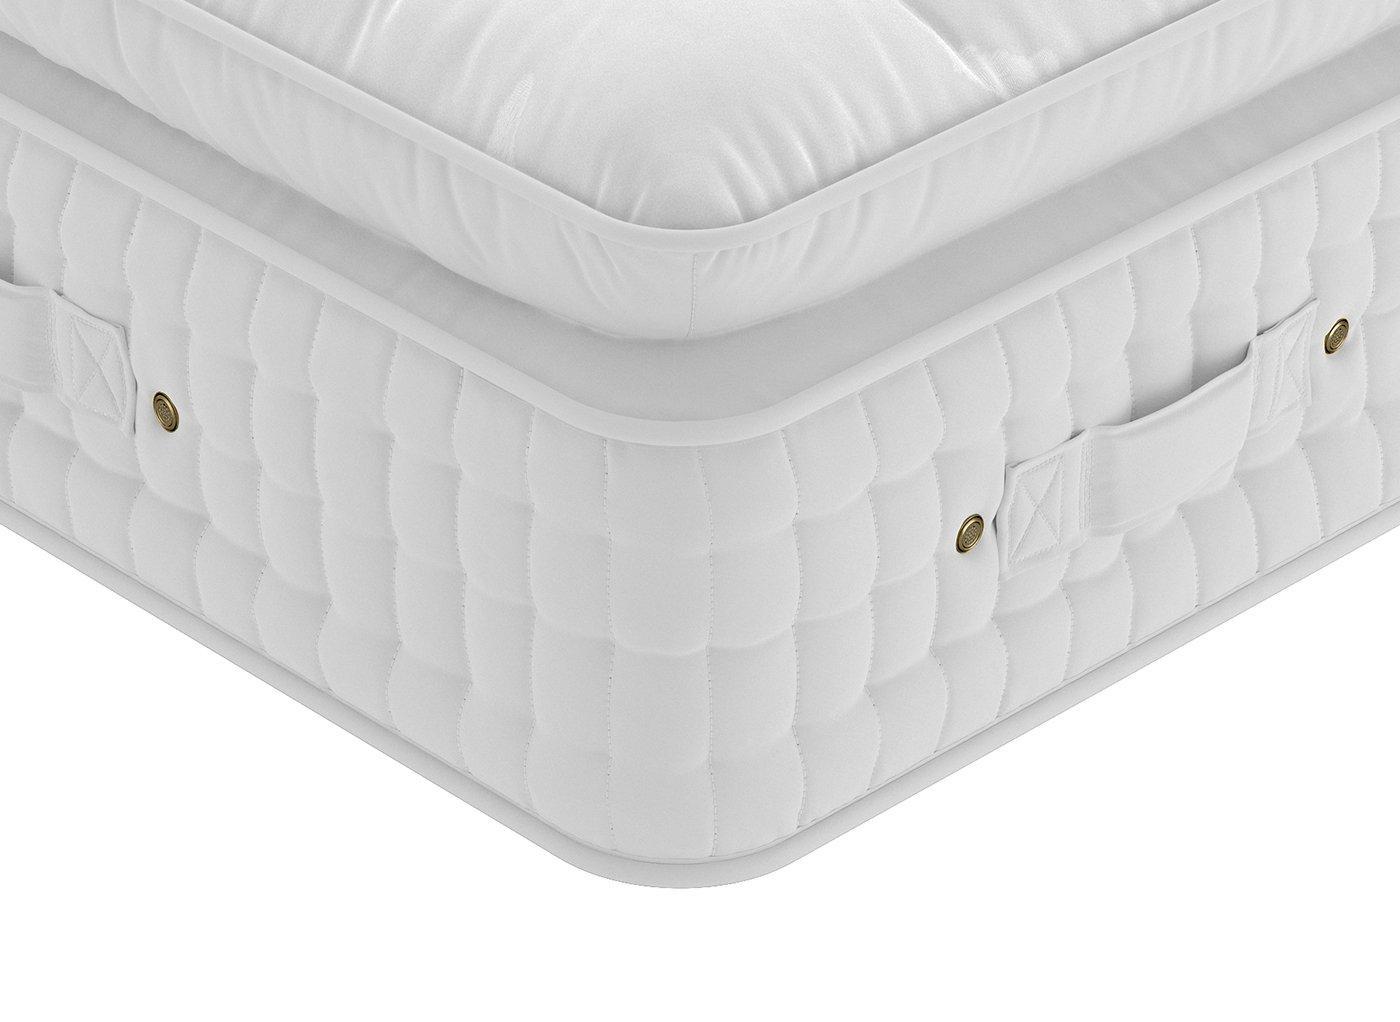 Flaxby Nature's Finest 14450 Pillow Top Mattress (£2,099)